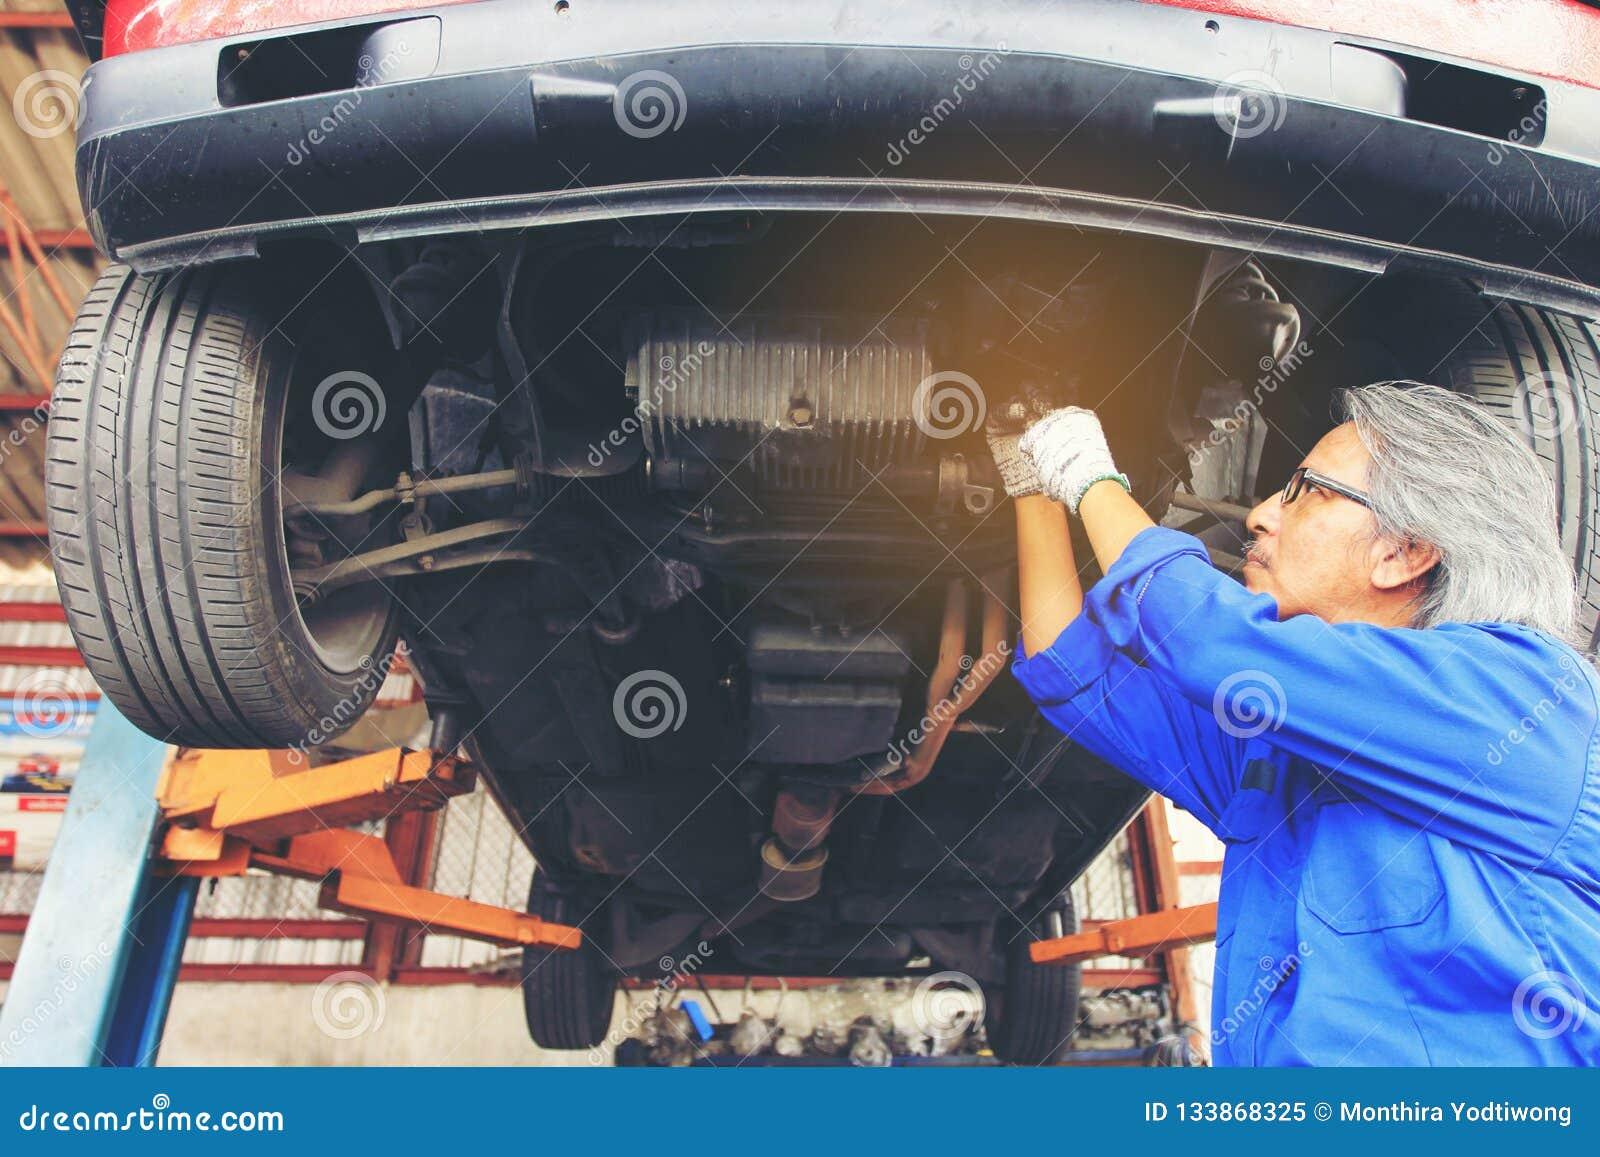 Nahaufnahme des Automechanikers arbeitend unter Auto im Autoreparaturservice